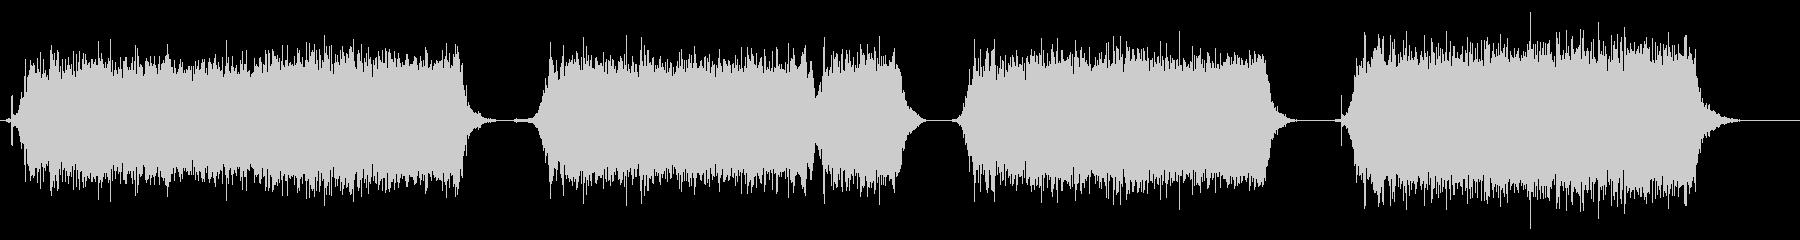 ドライヤーの音の未再生の波形